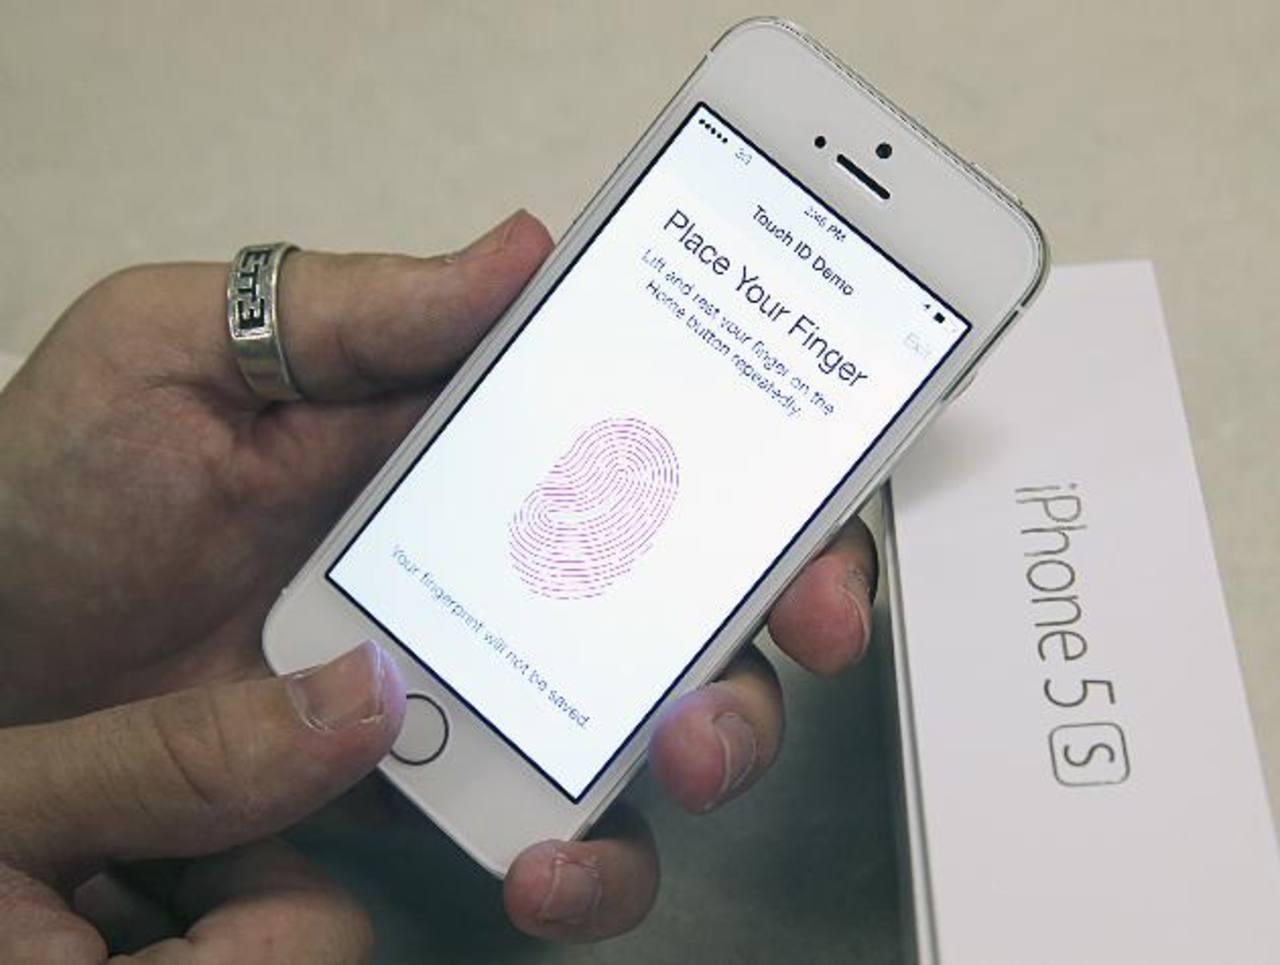 El escáner de huellas digitales es el objetivo de los hackers. foto edh / agencias